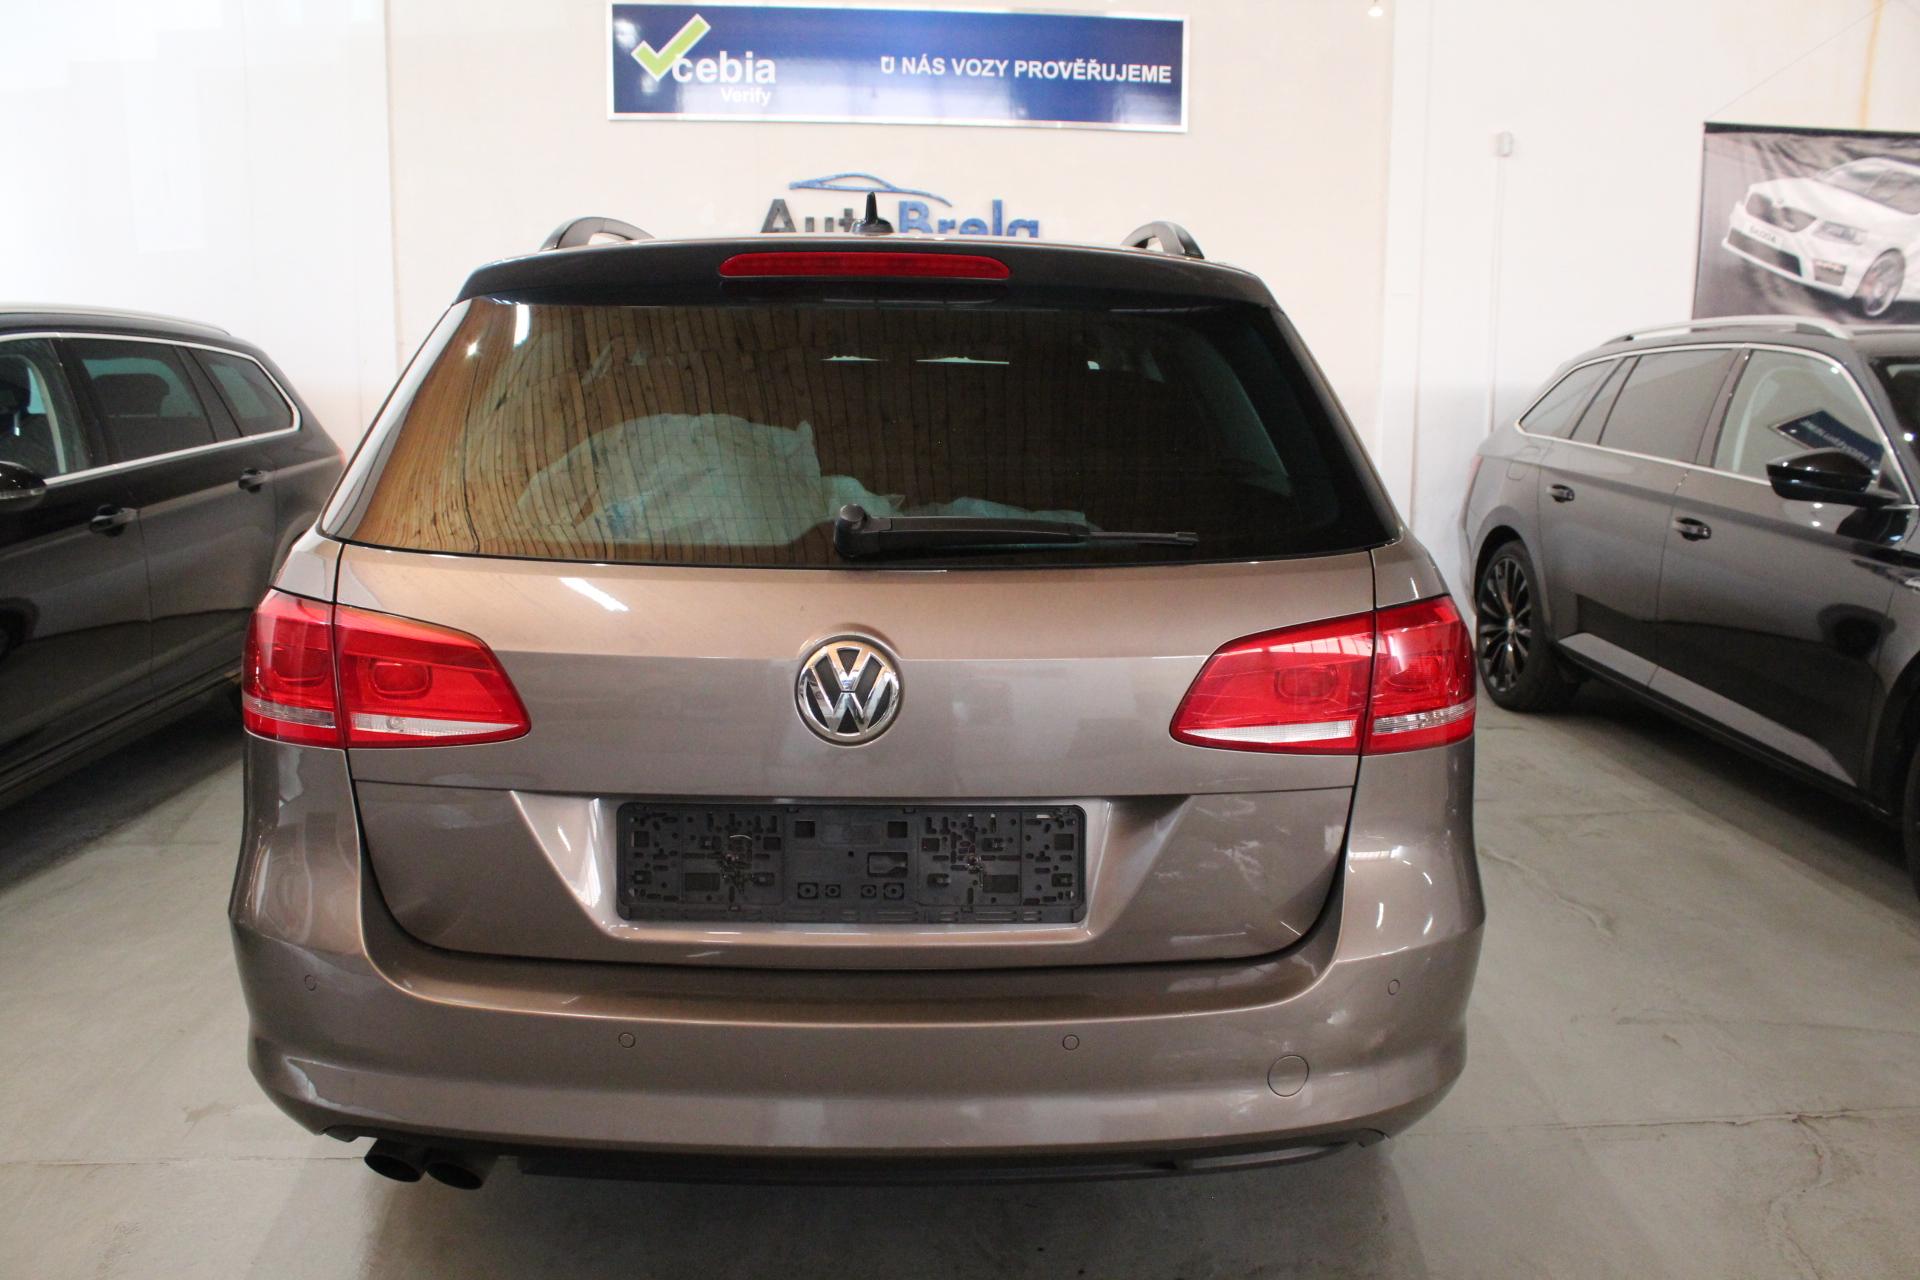 VW Passat B7 2.0 TDI DSG Navigace - AutoBrela obrázek